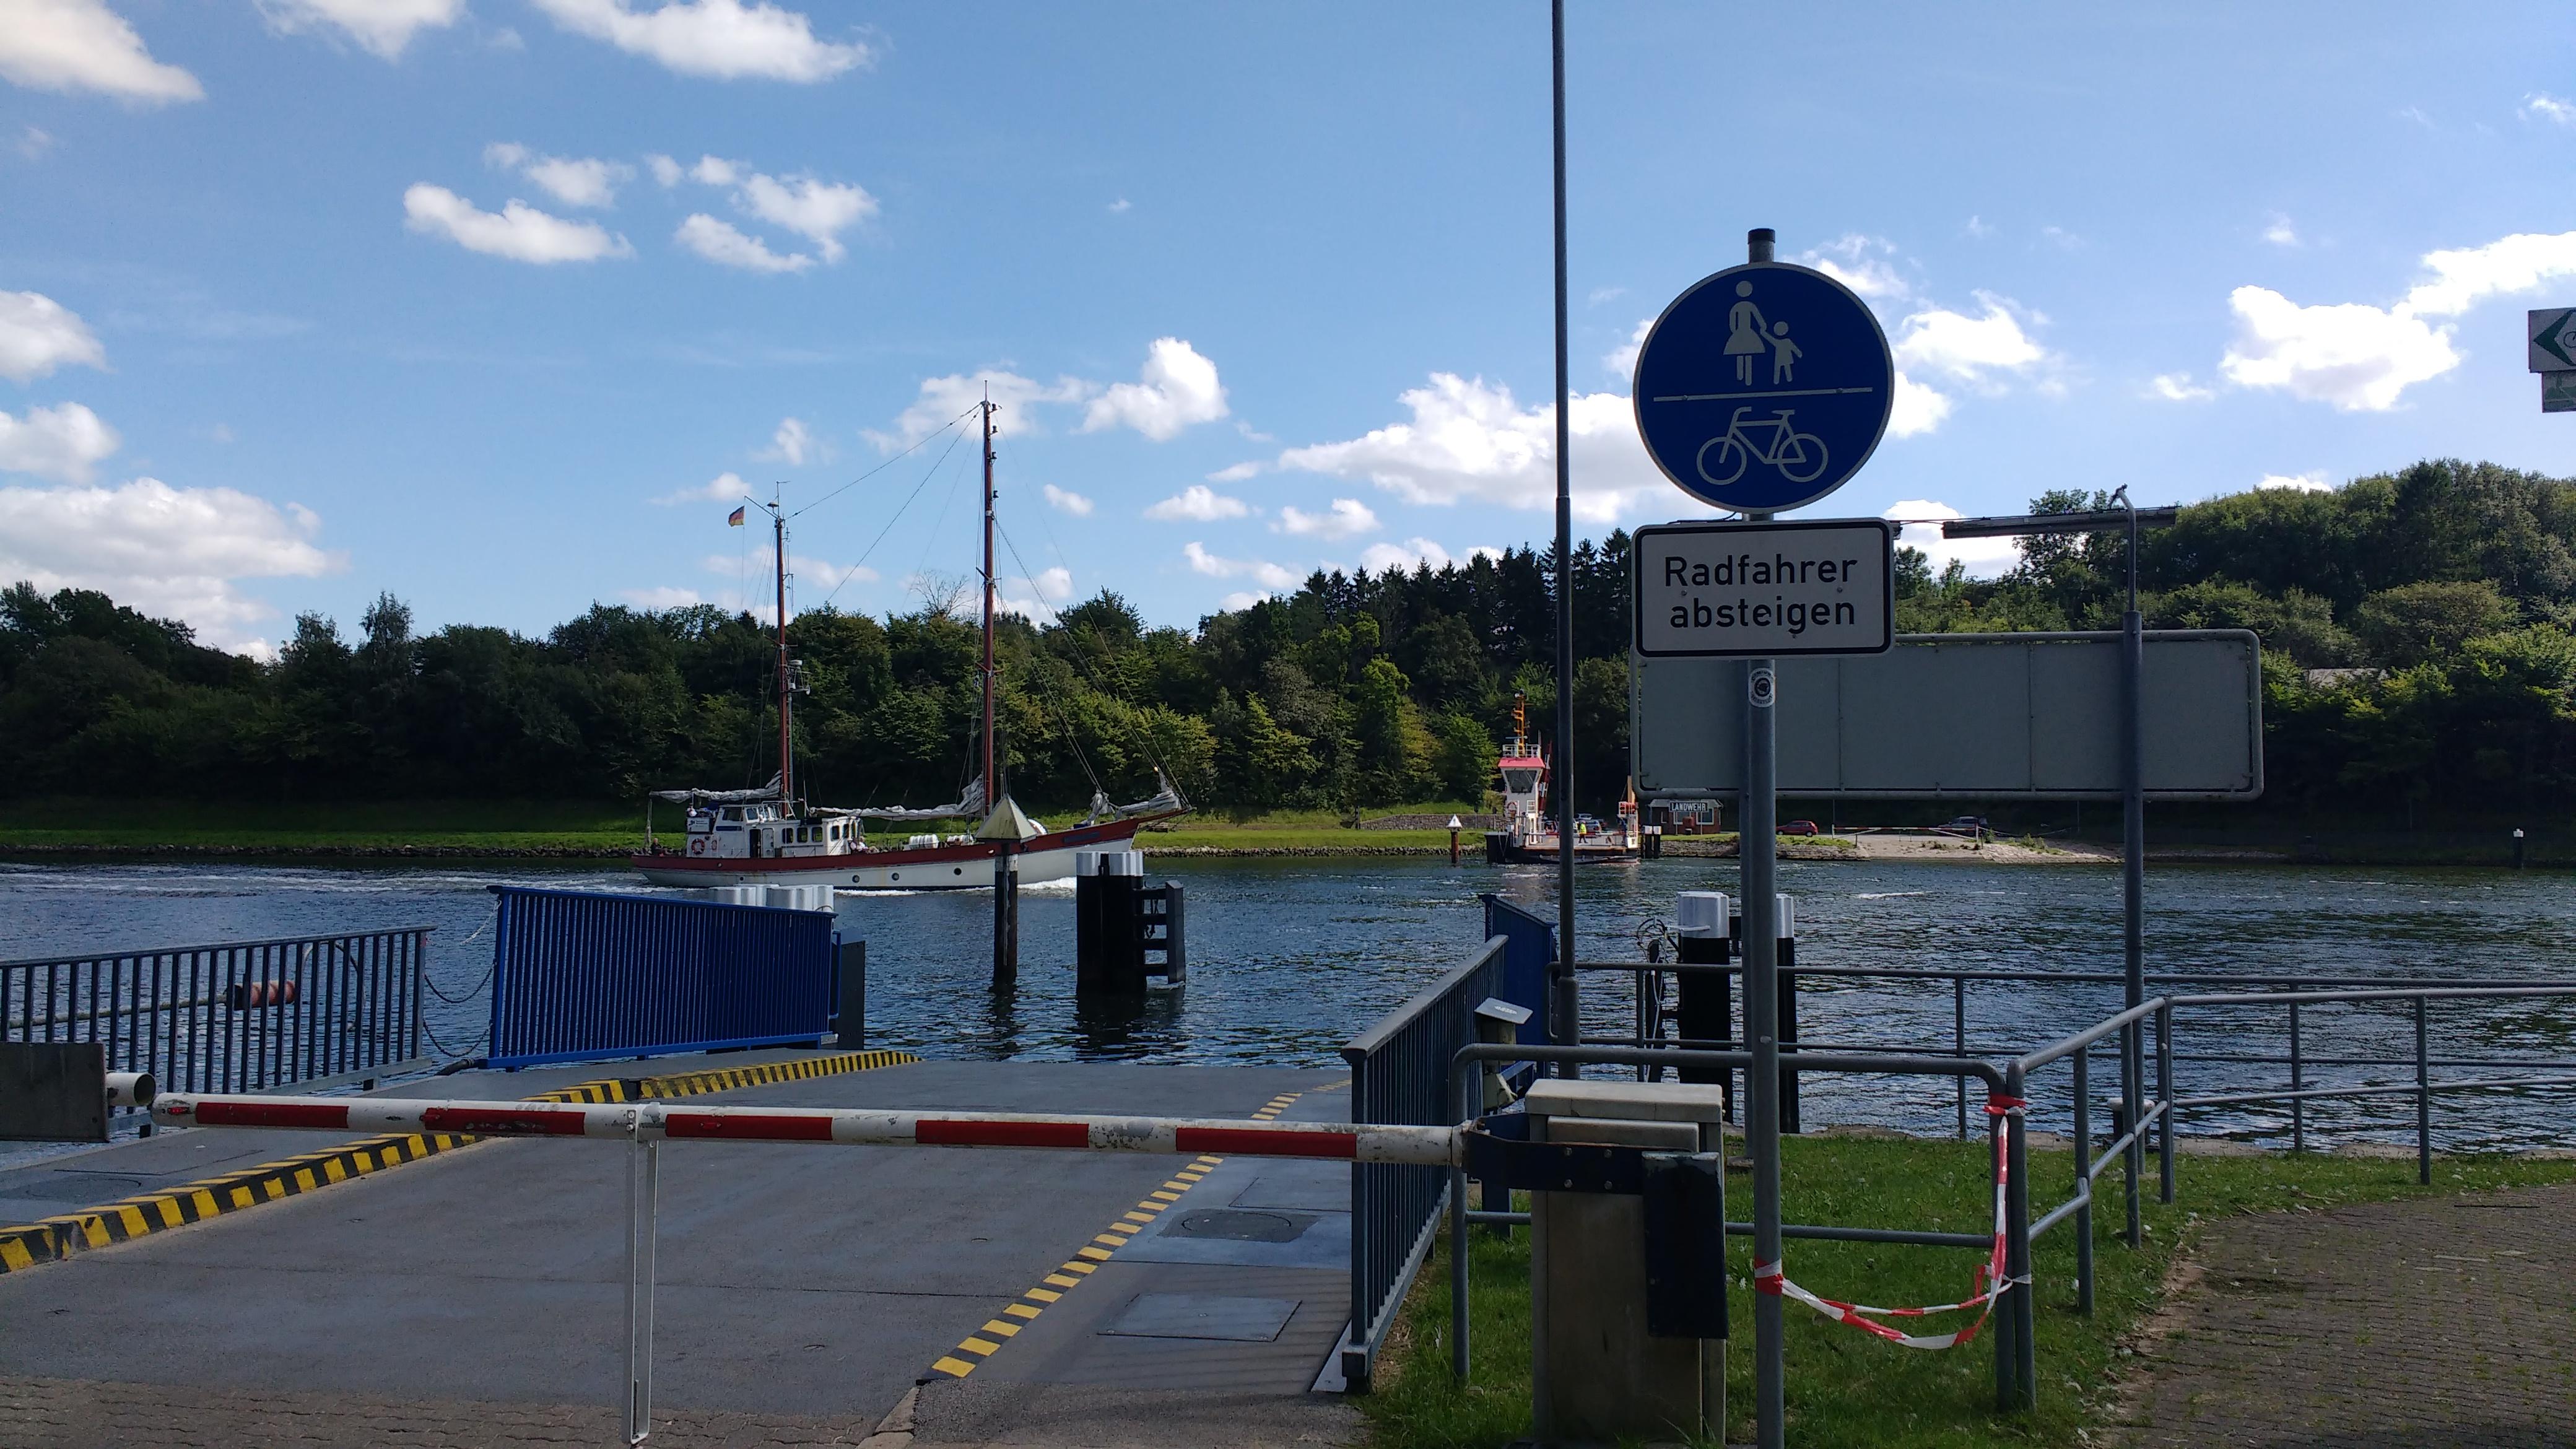 Fähranlegestelle, die Fähre ist am anderen Ufer, ein Segelboot Zweimaster im Mittelgrund